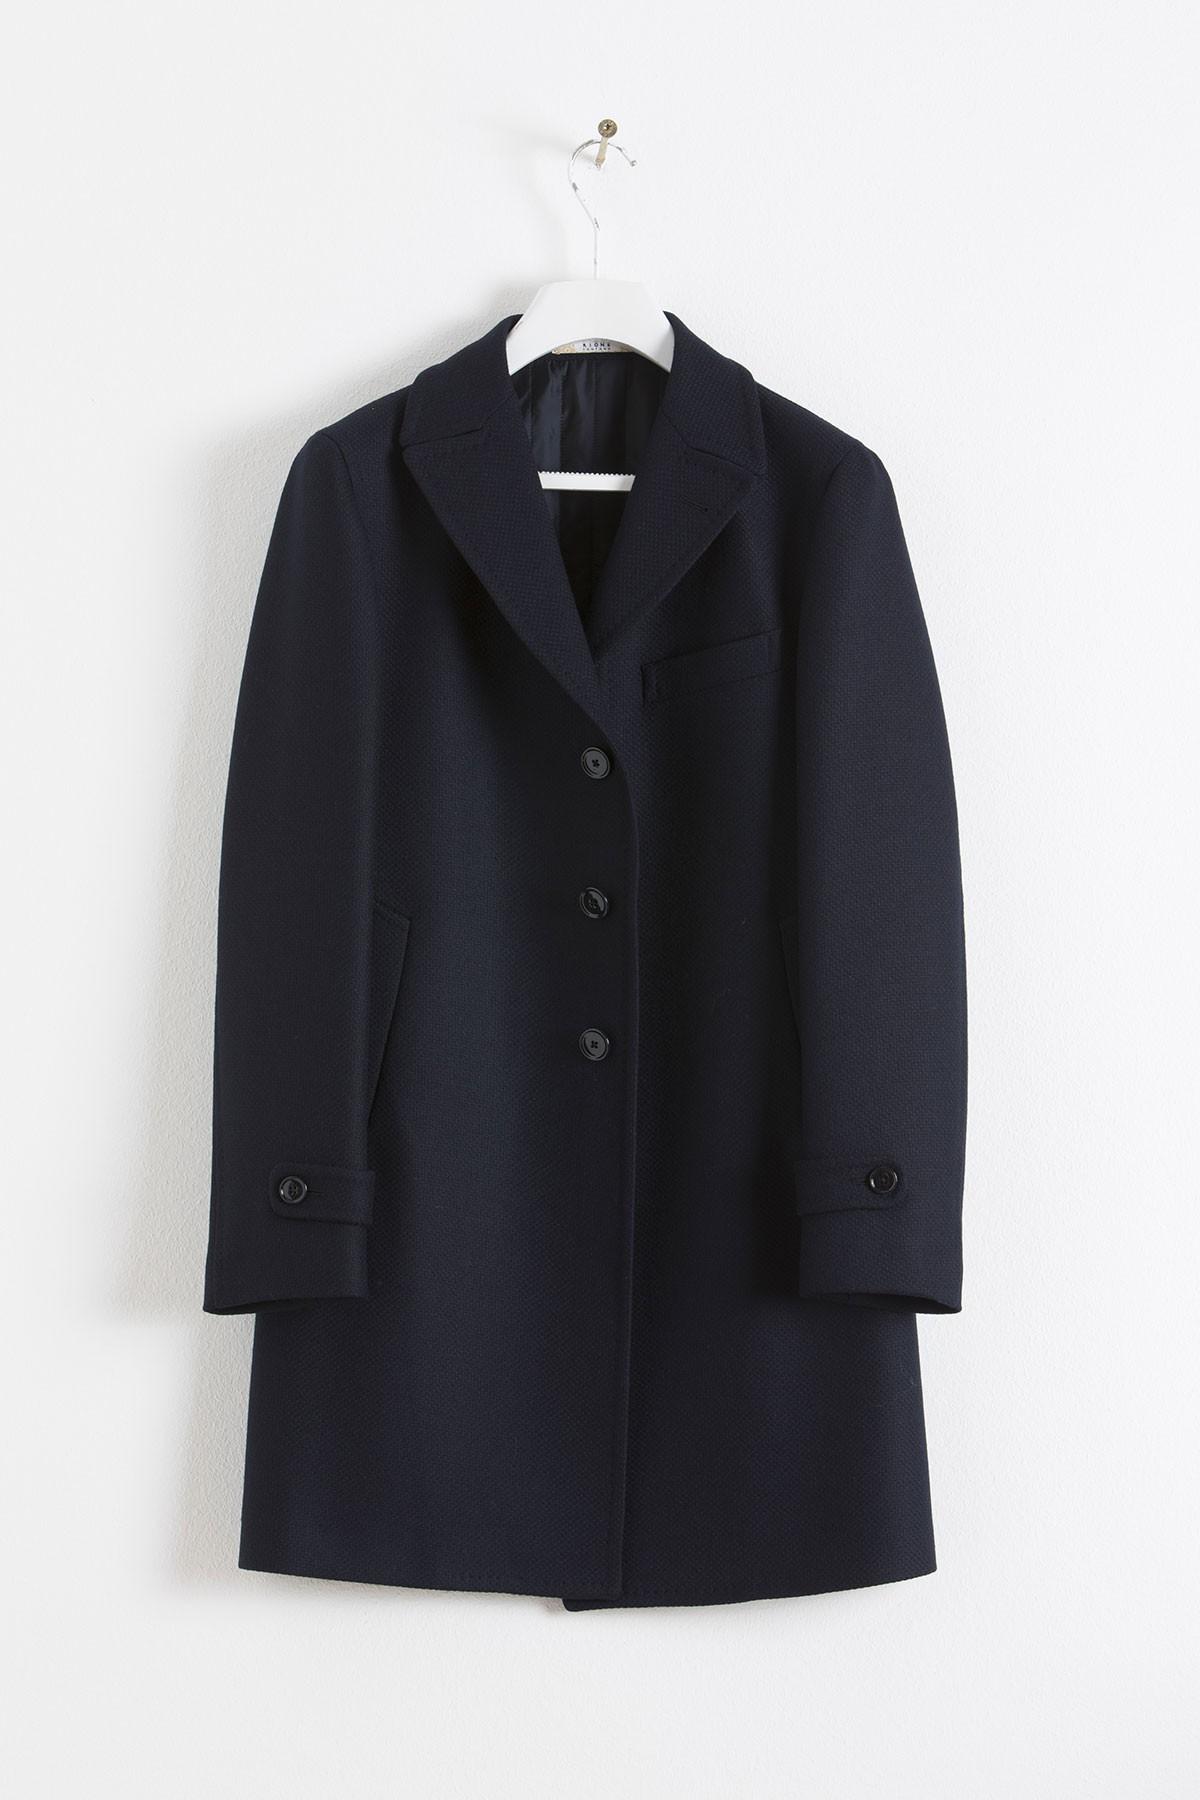 Cappotto per uomo TAGLIATORE A I 17-18 f4c07fcf041